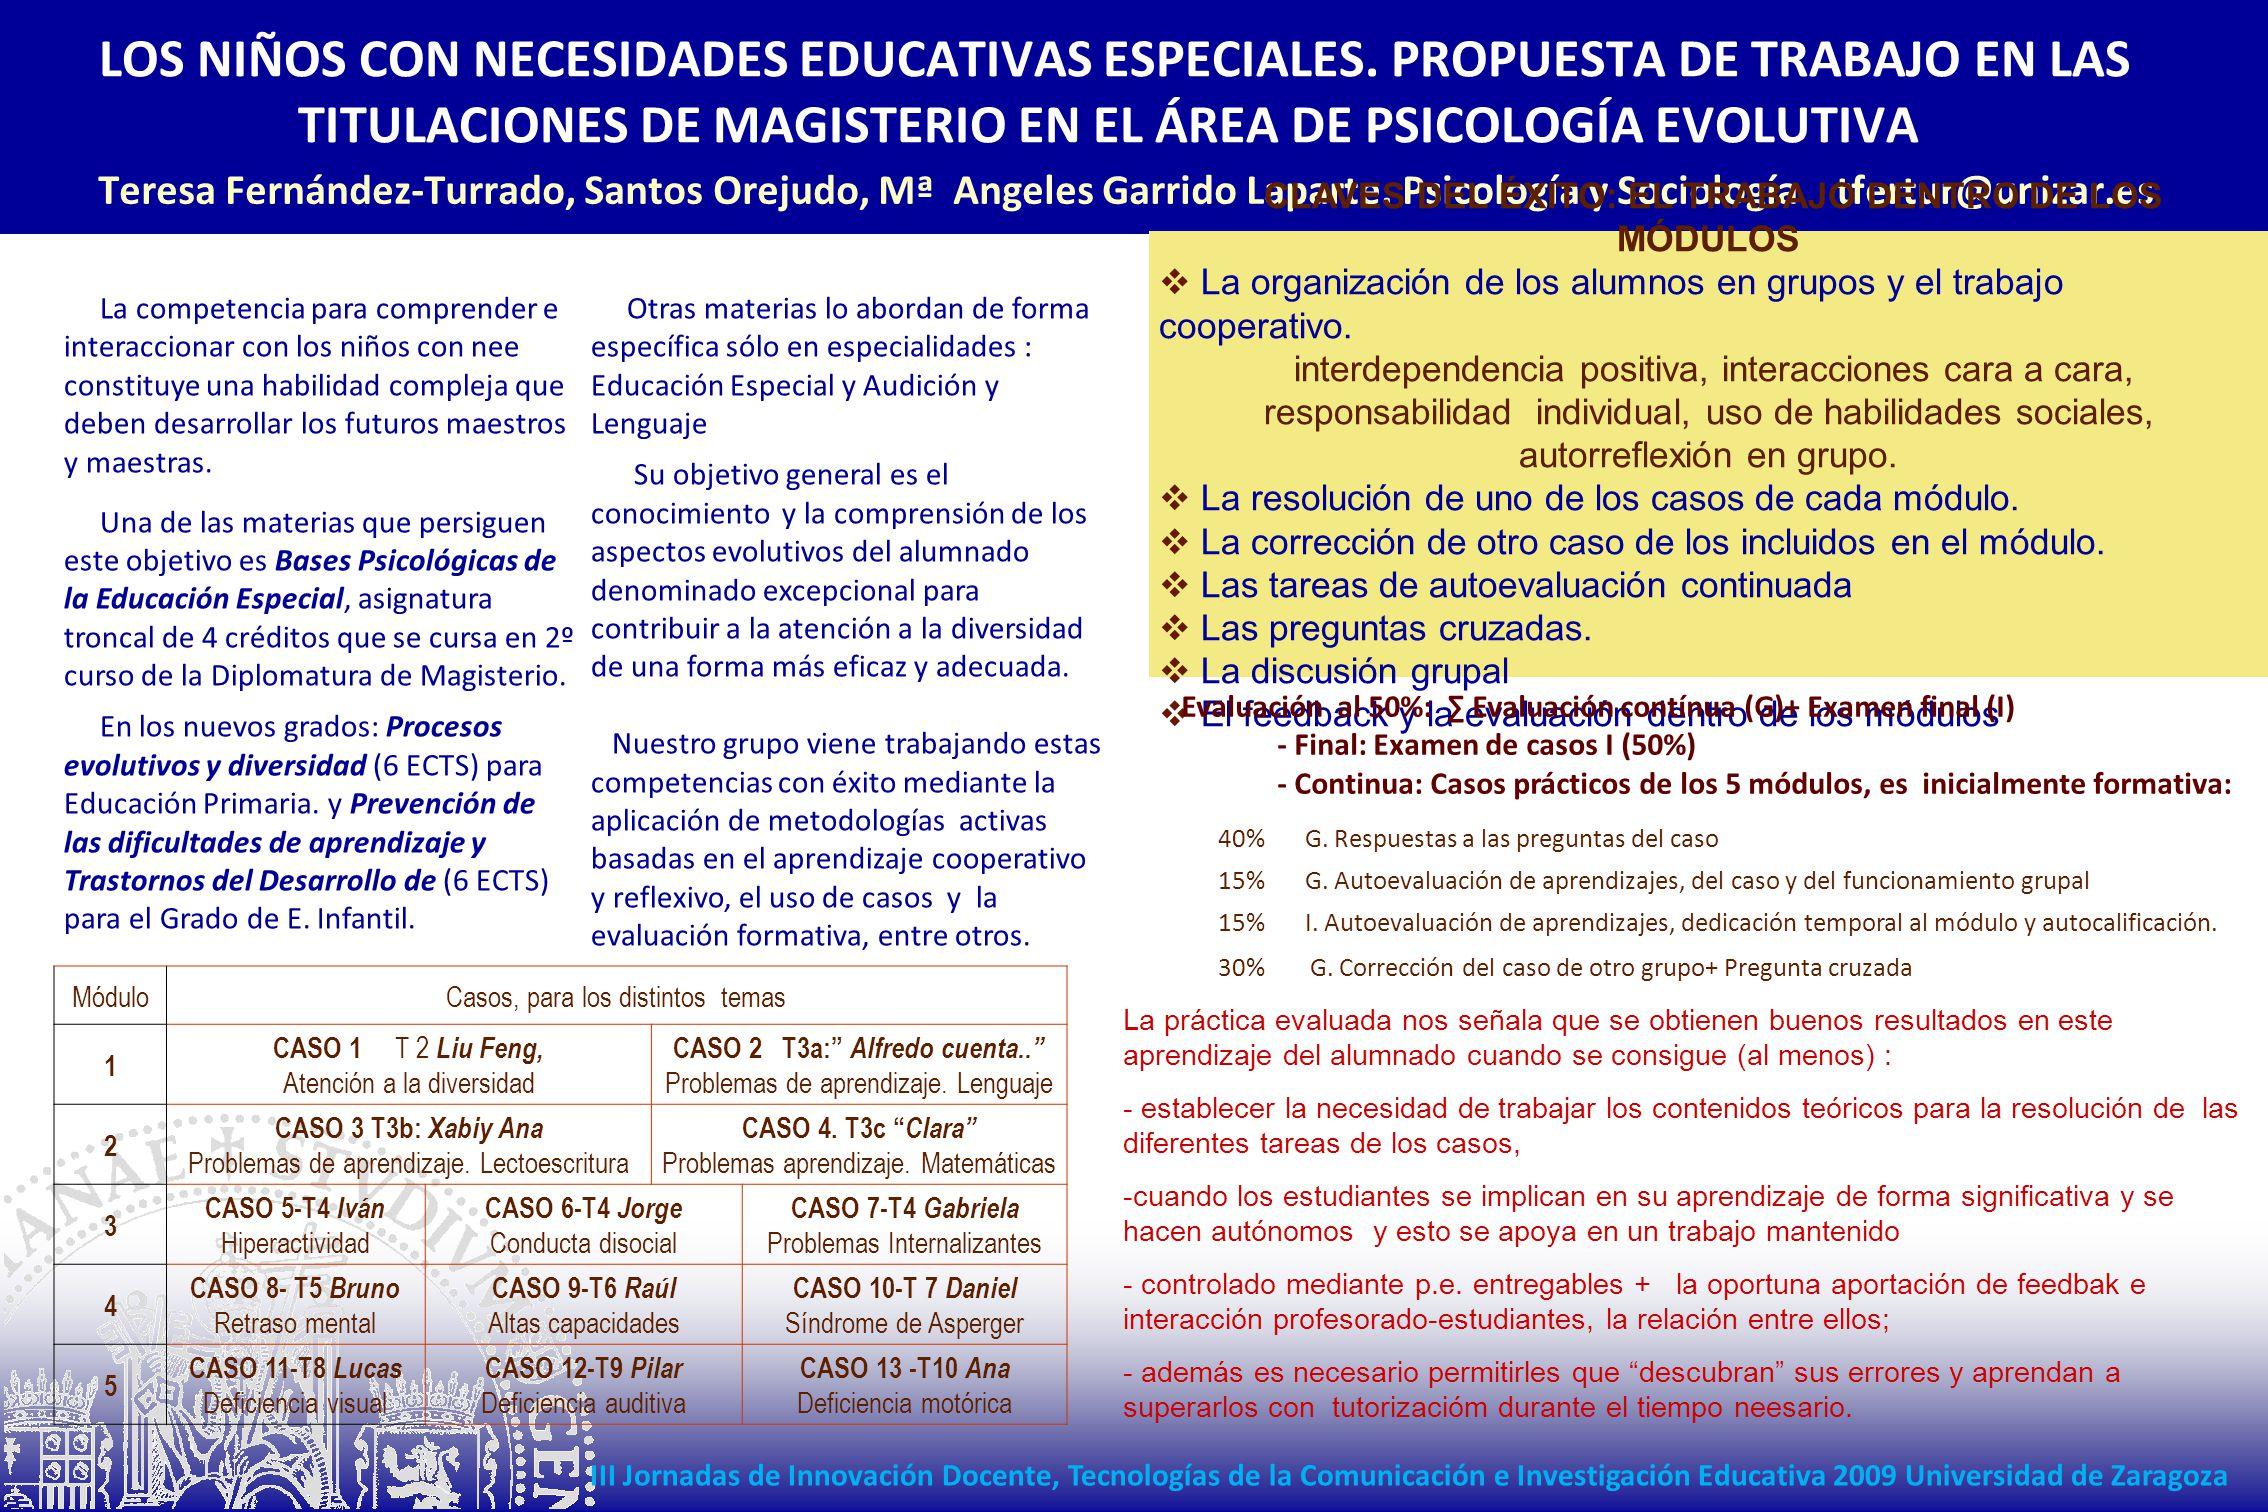 LOS NIÑOS CON NECESIDADES EDUCATIVAS ESPECIALES